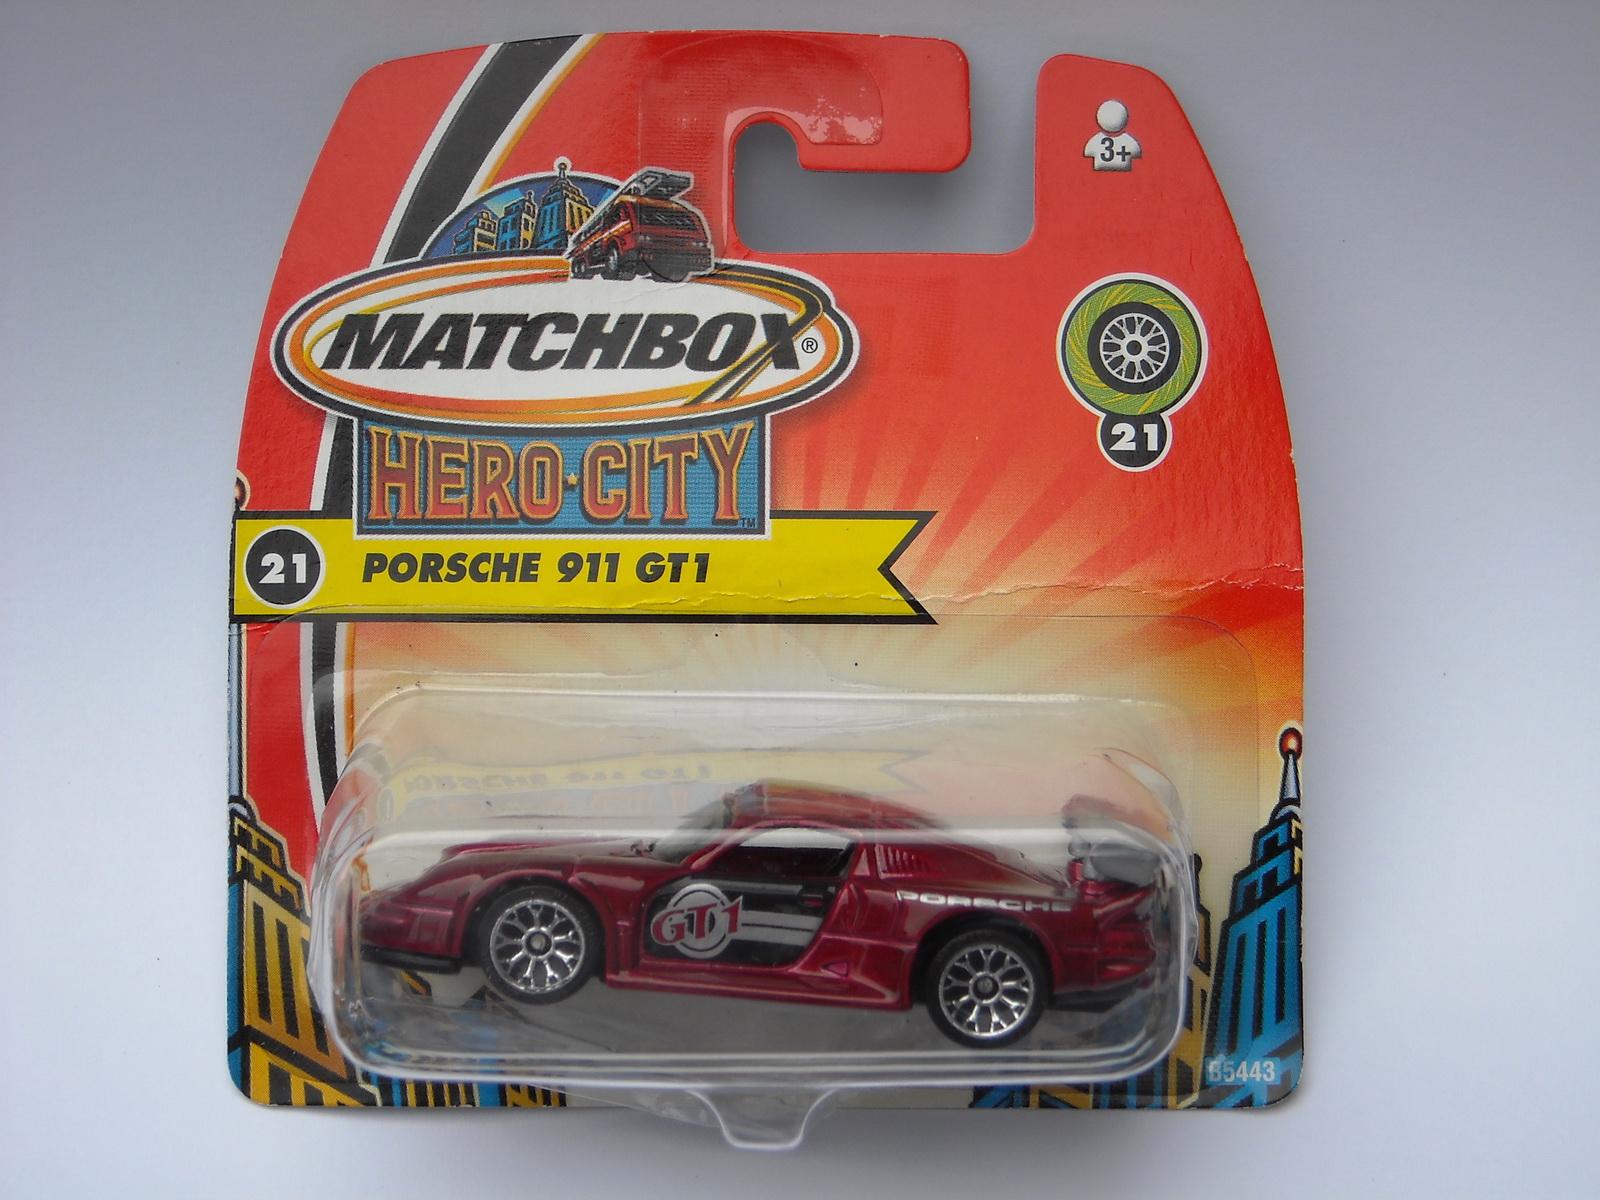 matchbox memories matchbox porsche 911 gt1 update. Black Bedroom Furniture Sets. Home Design Ideas